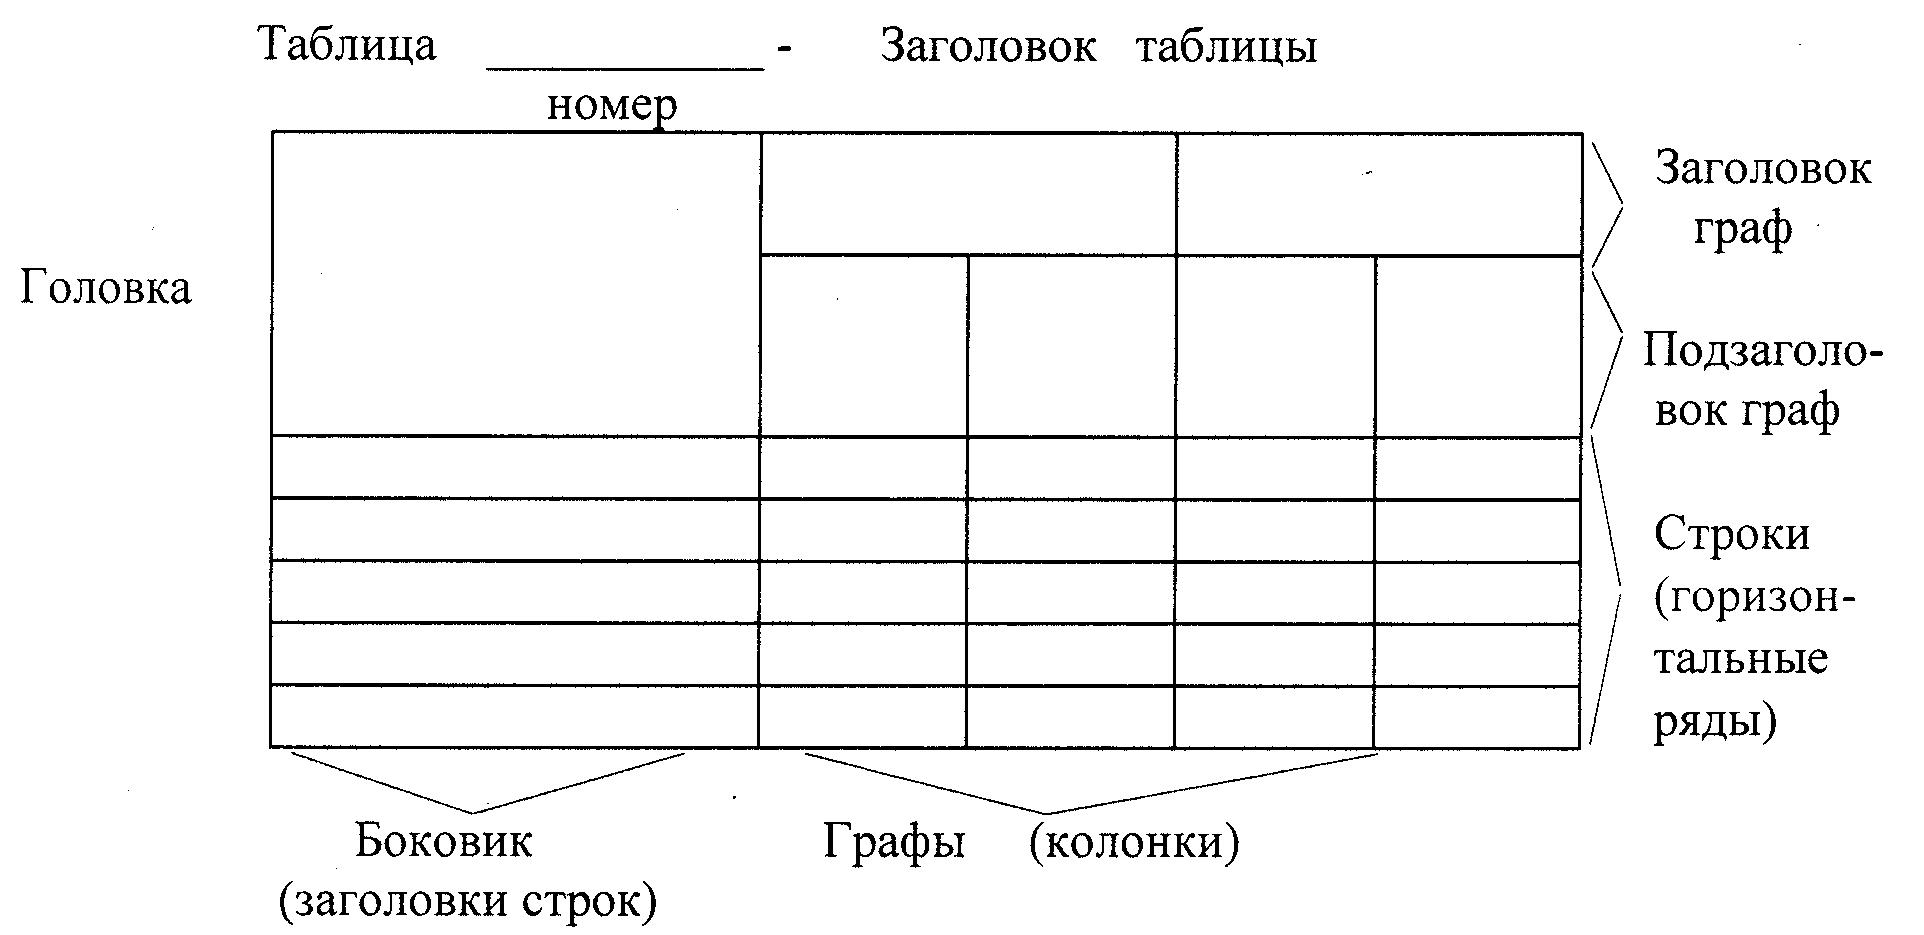 оформление таблицы картинки